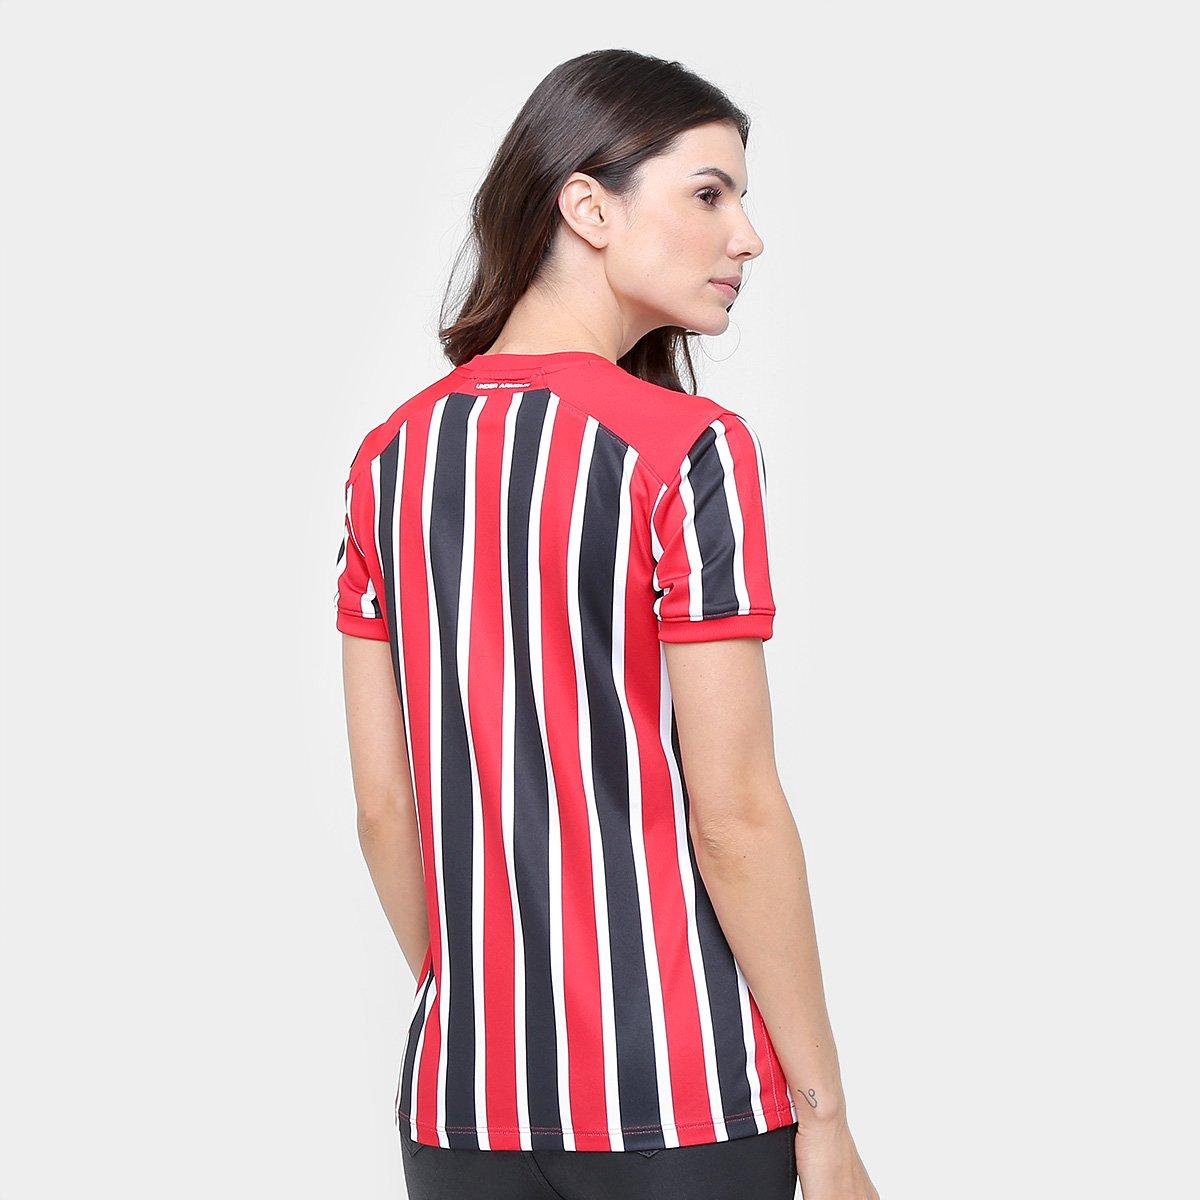 17 Paulo Vermelho 18 Camisa e Feminina Preto Torcedor Armour Under São II nº s PtP54w1Aq